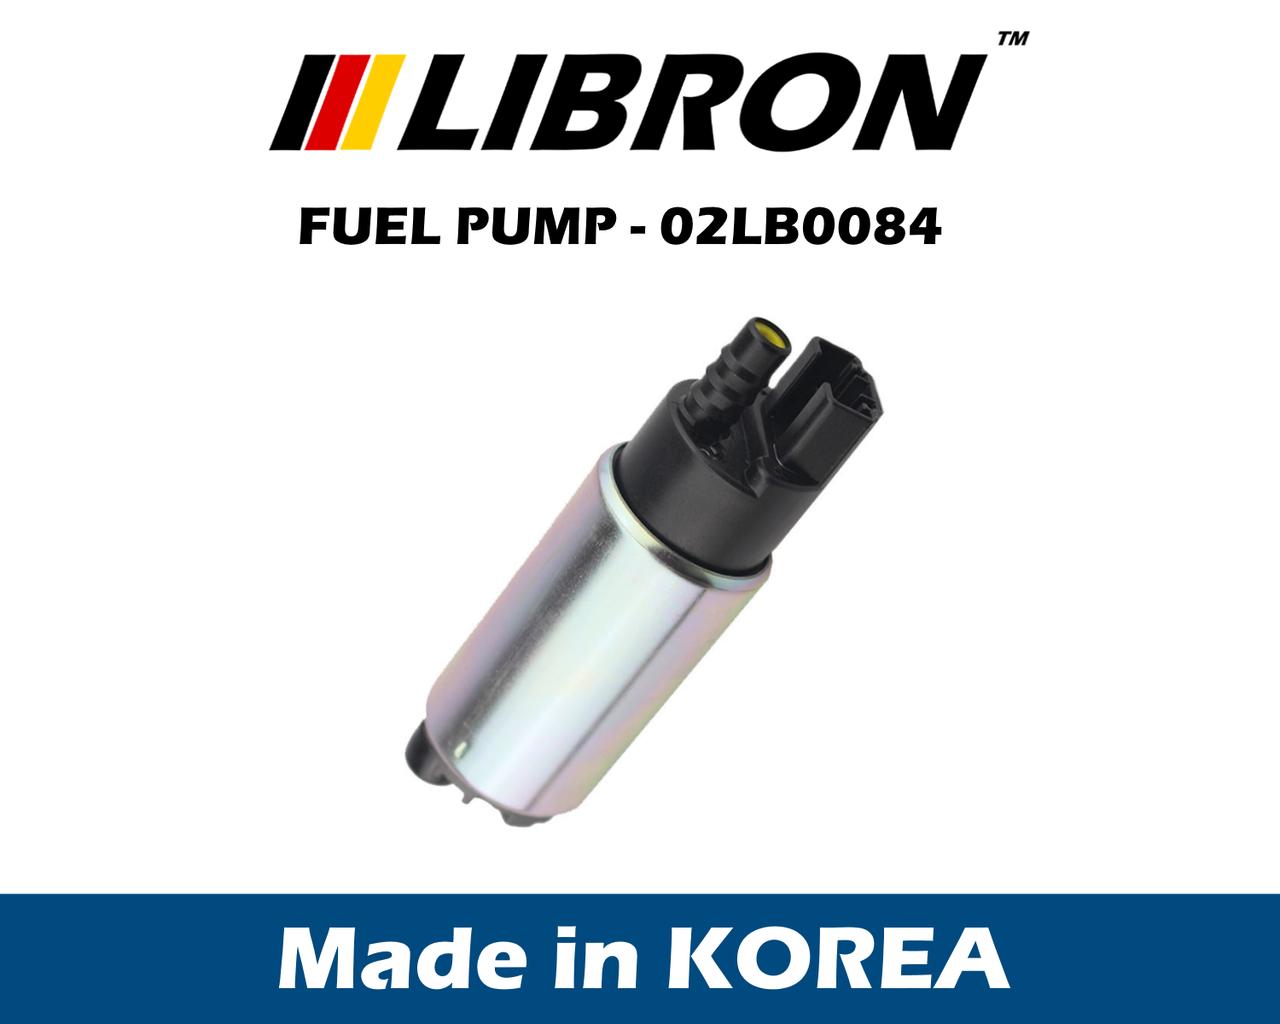 Топливный насос LIBRON 02LB0084 - Хонда Сивик Цивик V седан